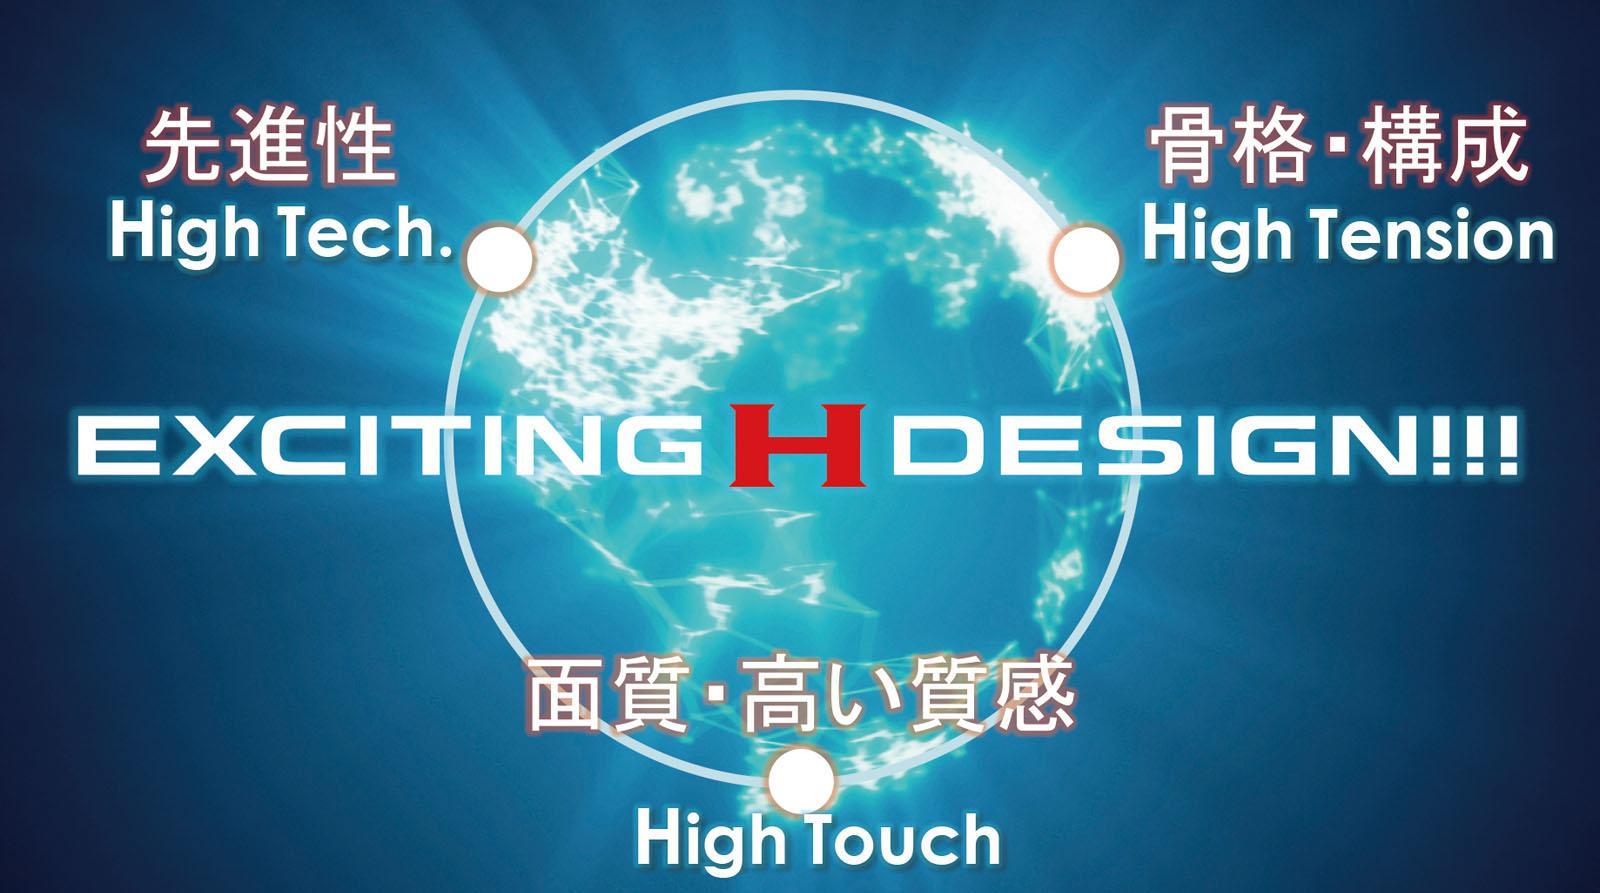 Honda EXCITING H DESIGN!!! concept